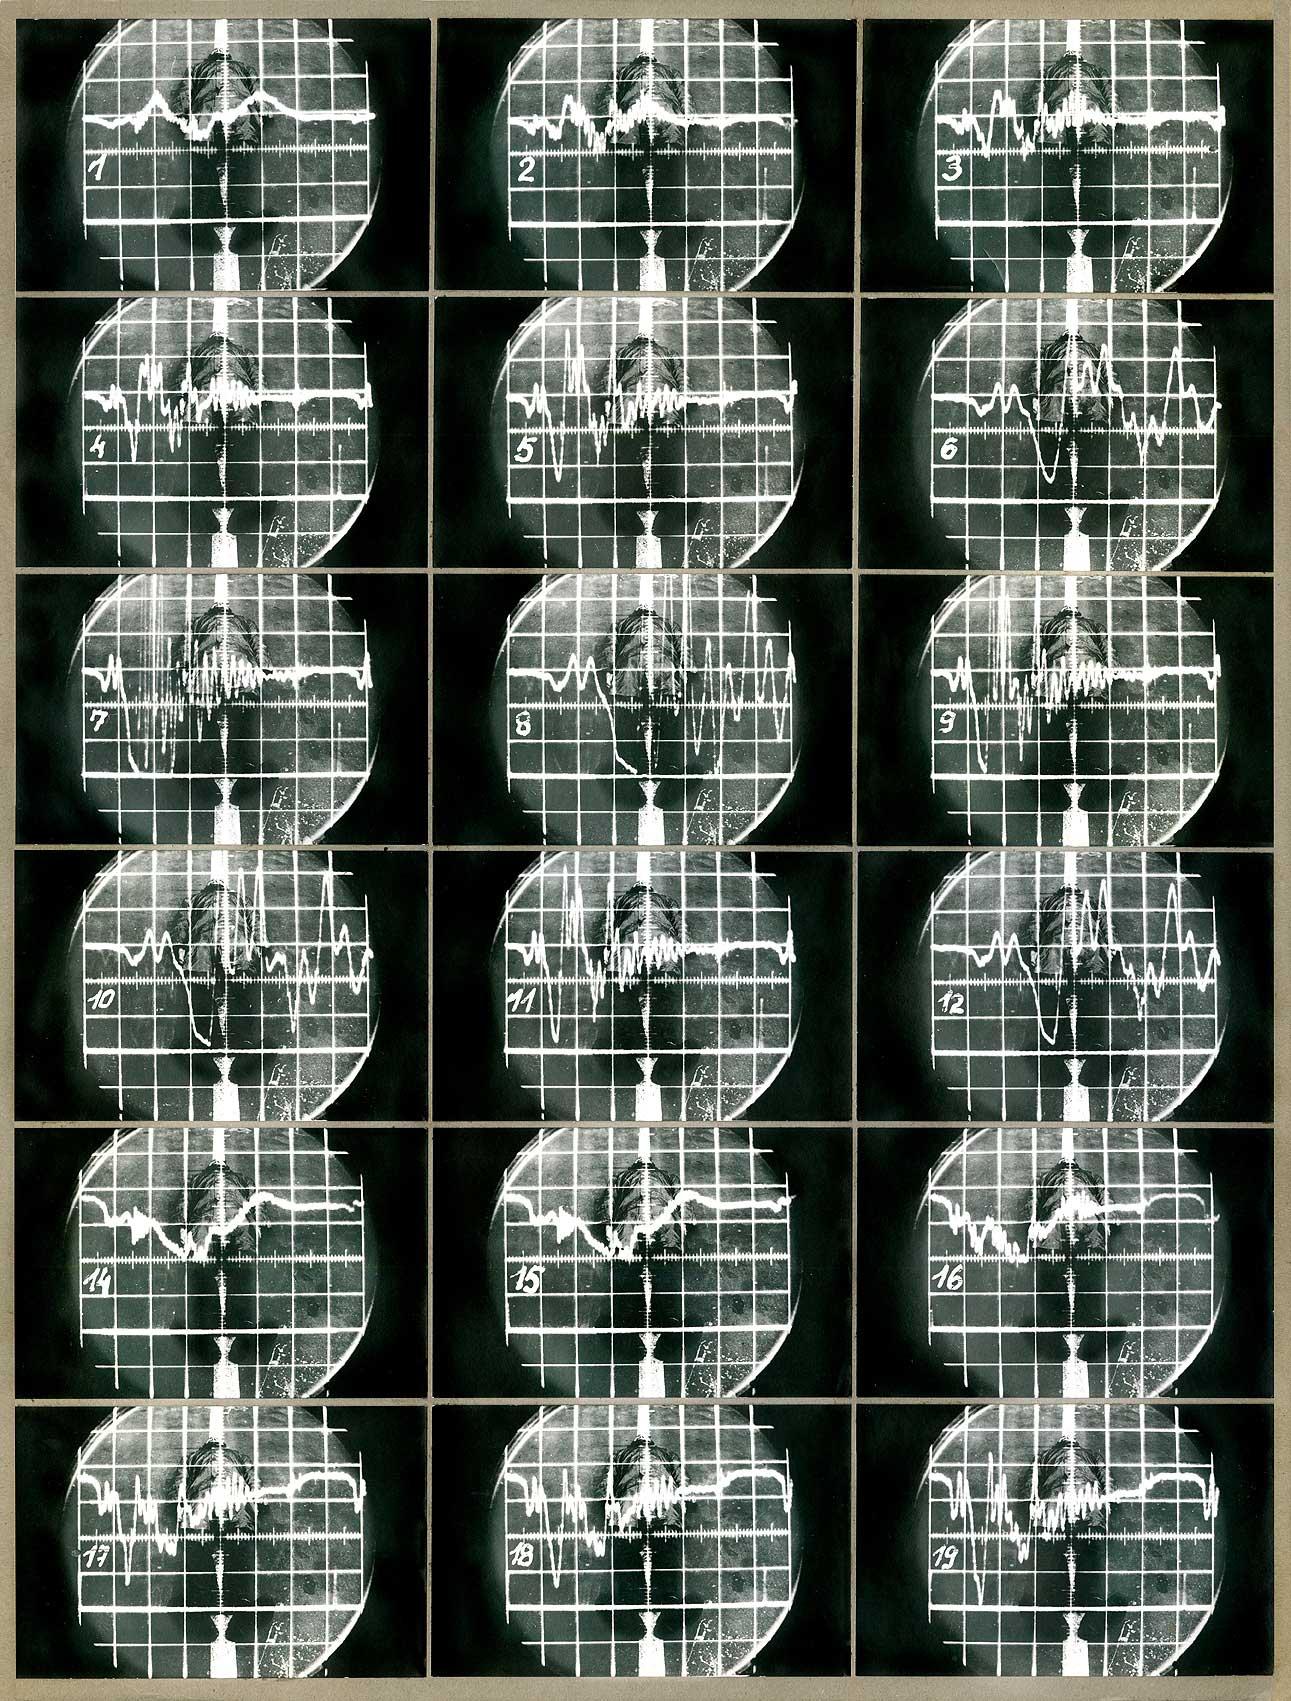 Kurt Buchwald - Überliegender 1982 56 x 43 cm